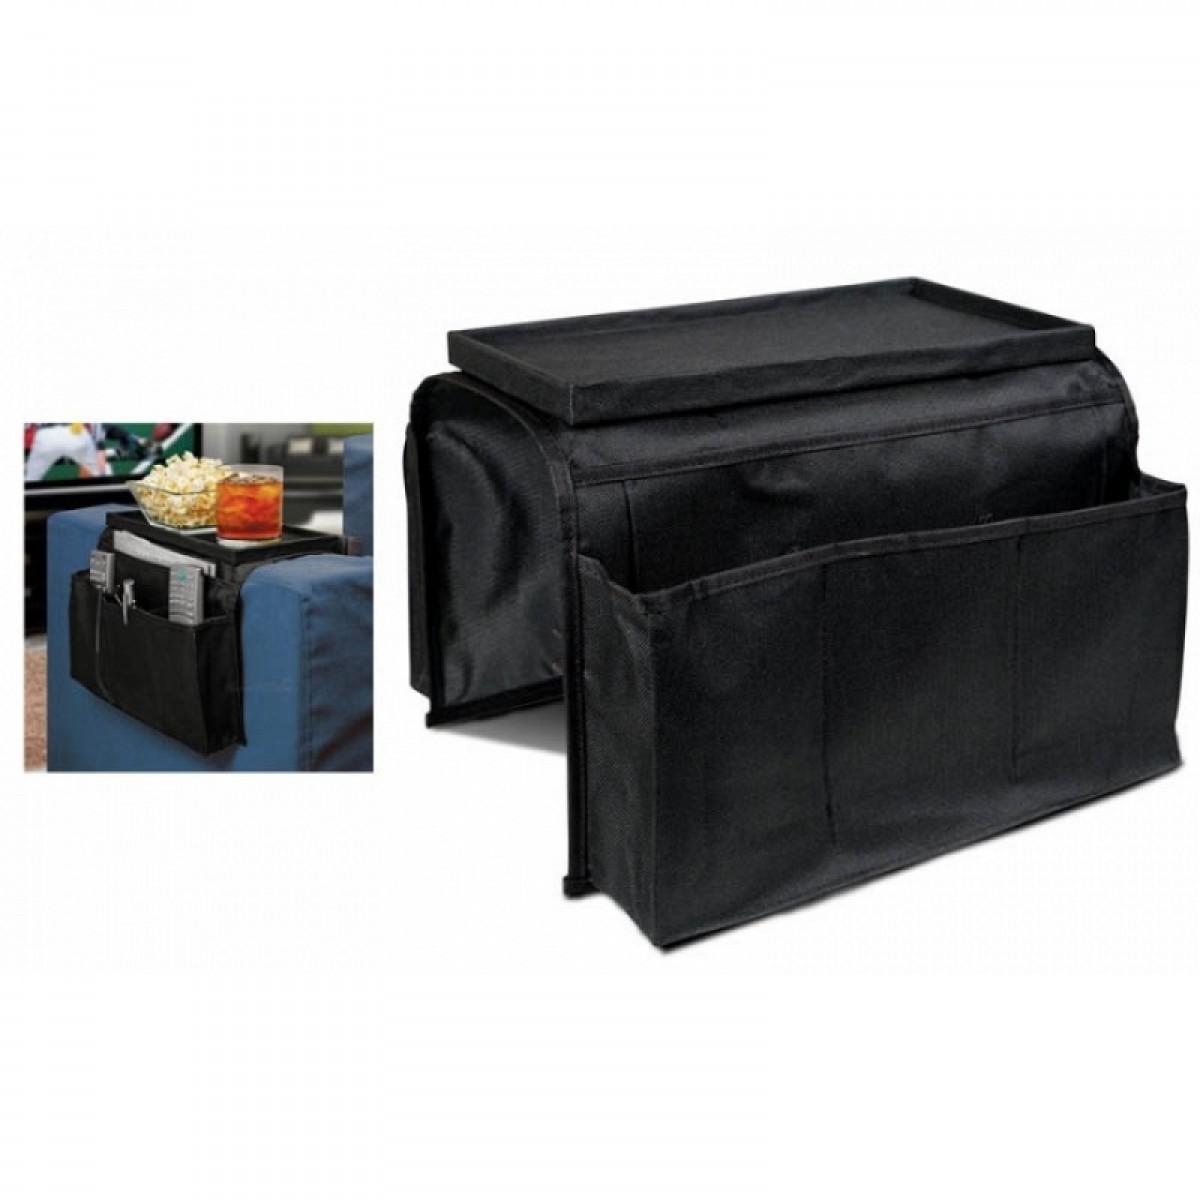 Θήκη οργάνωσης για τον καναπέ με βάση για ποτά, αναψυκτικά, τηλεκοντρόλ κ.α - ΜΑΥΡΟ- Arm Rest Organiser-OEM